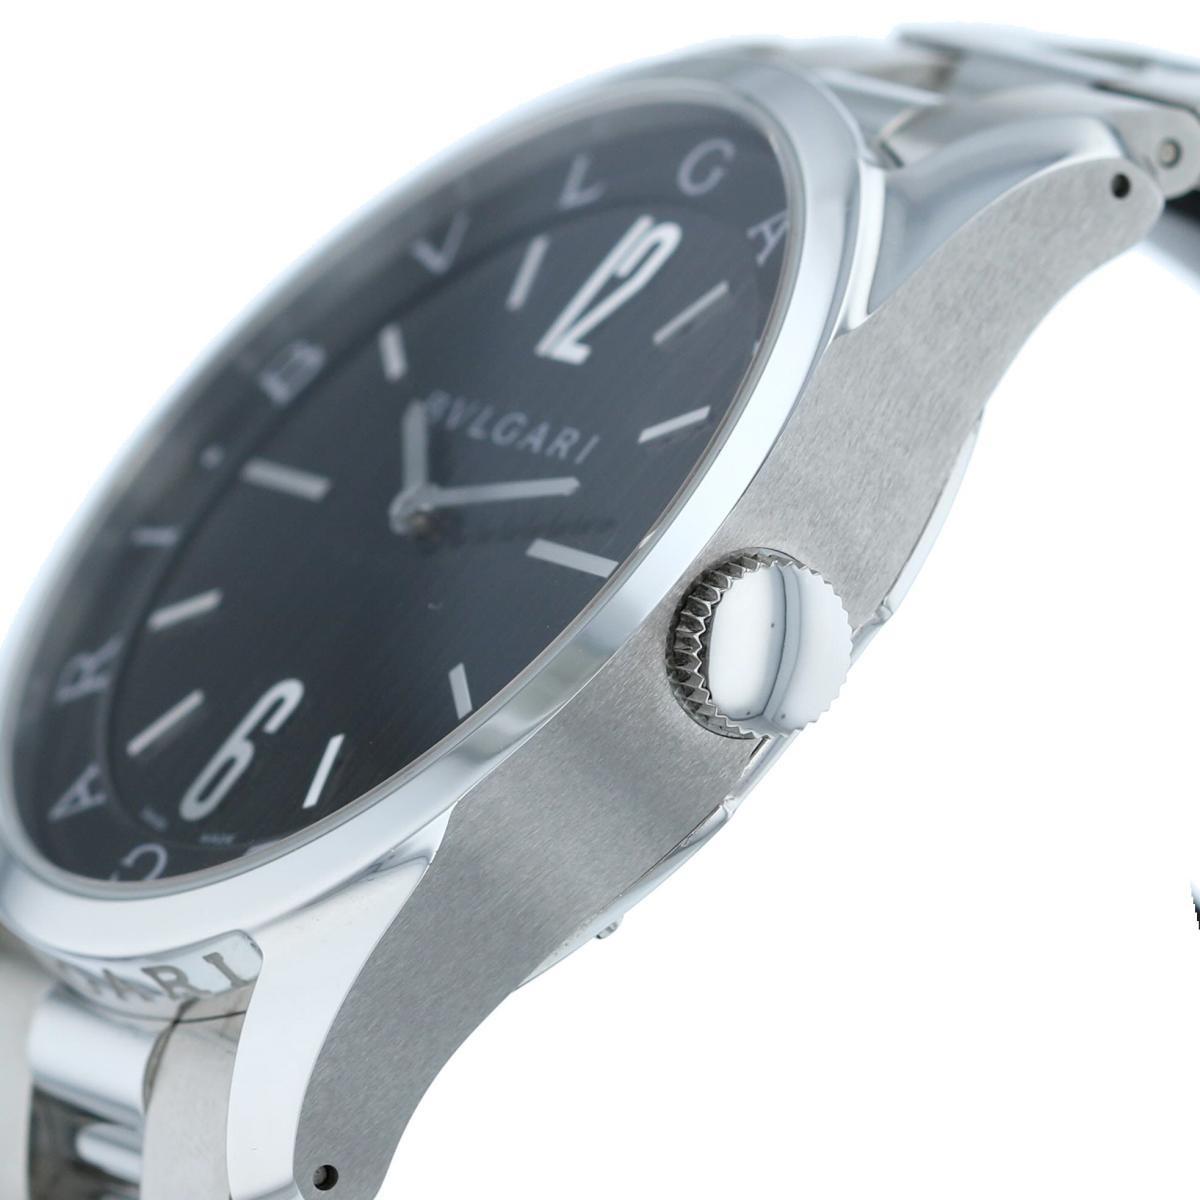 【中古】 BVLGARI (ブルガリ) ソロテンポ 42� 時計 クオーツ/メンズ  Black ST42S used:A